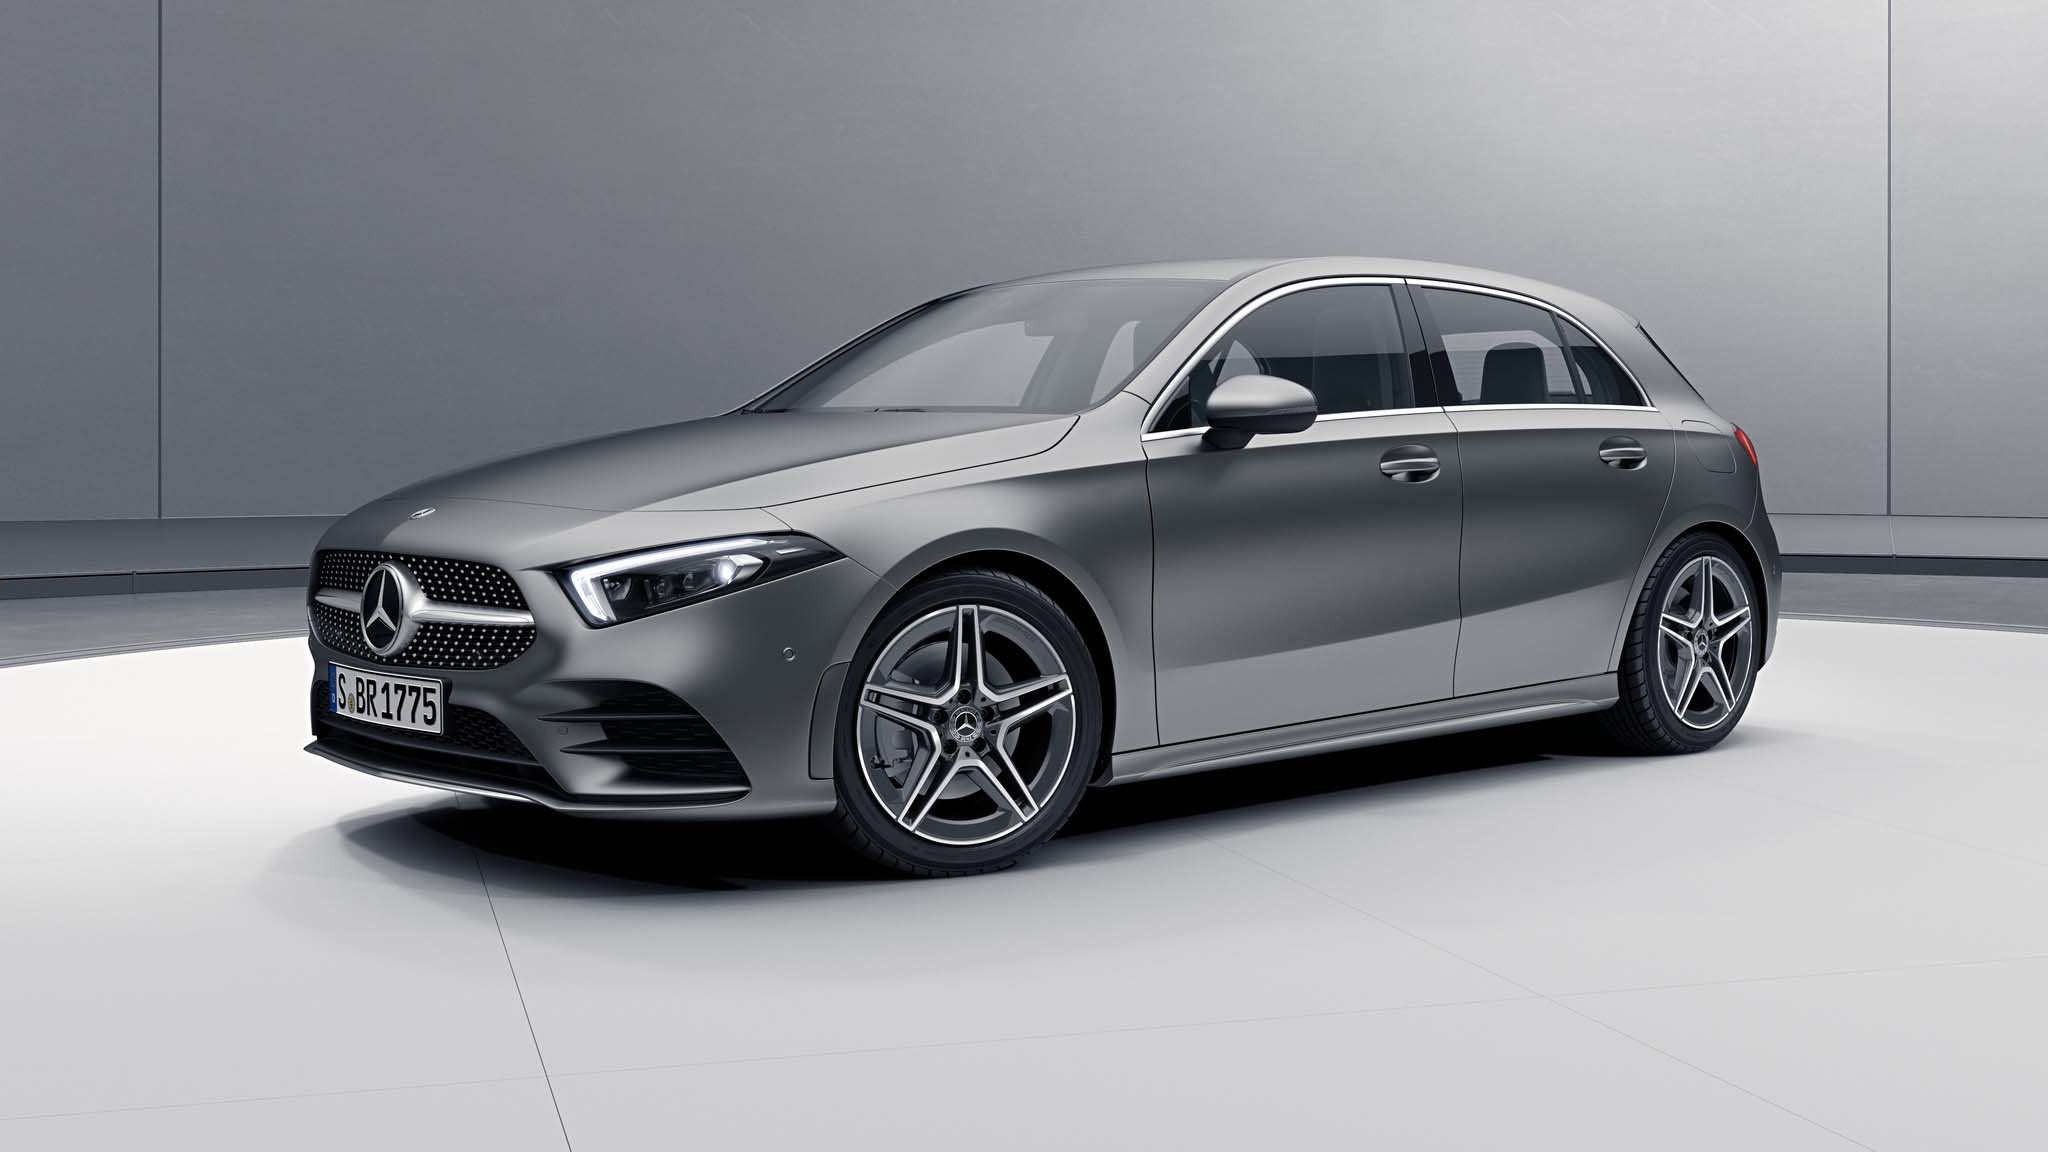 Vue de trois quarts de profil de la Mercedes Classe A avec la peinture designo - Gris Montagne Magno